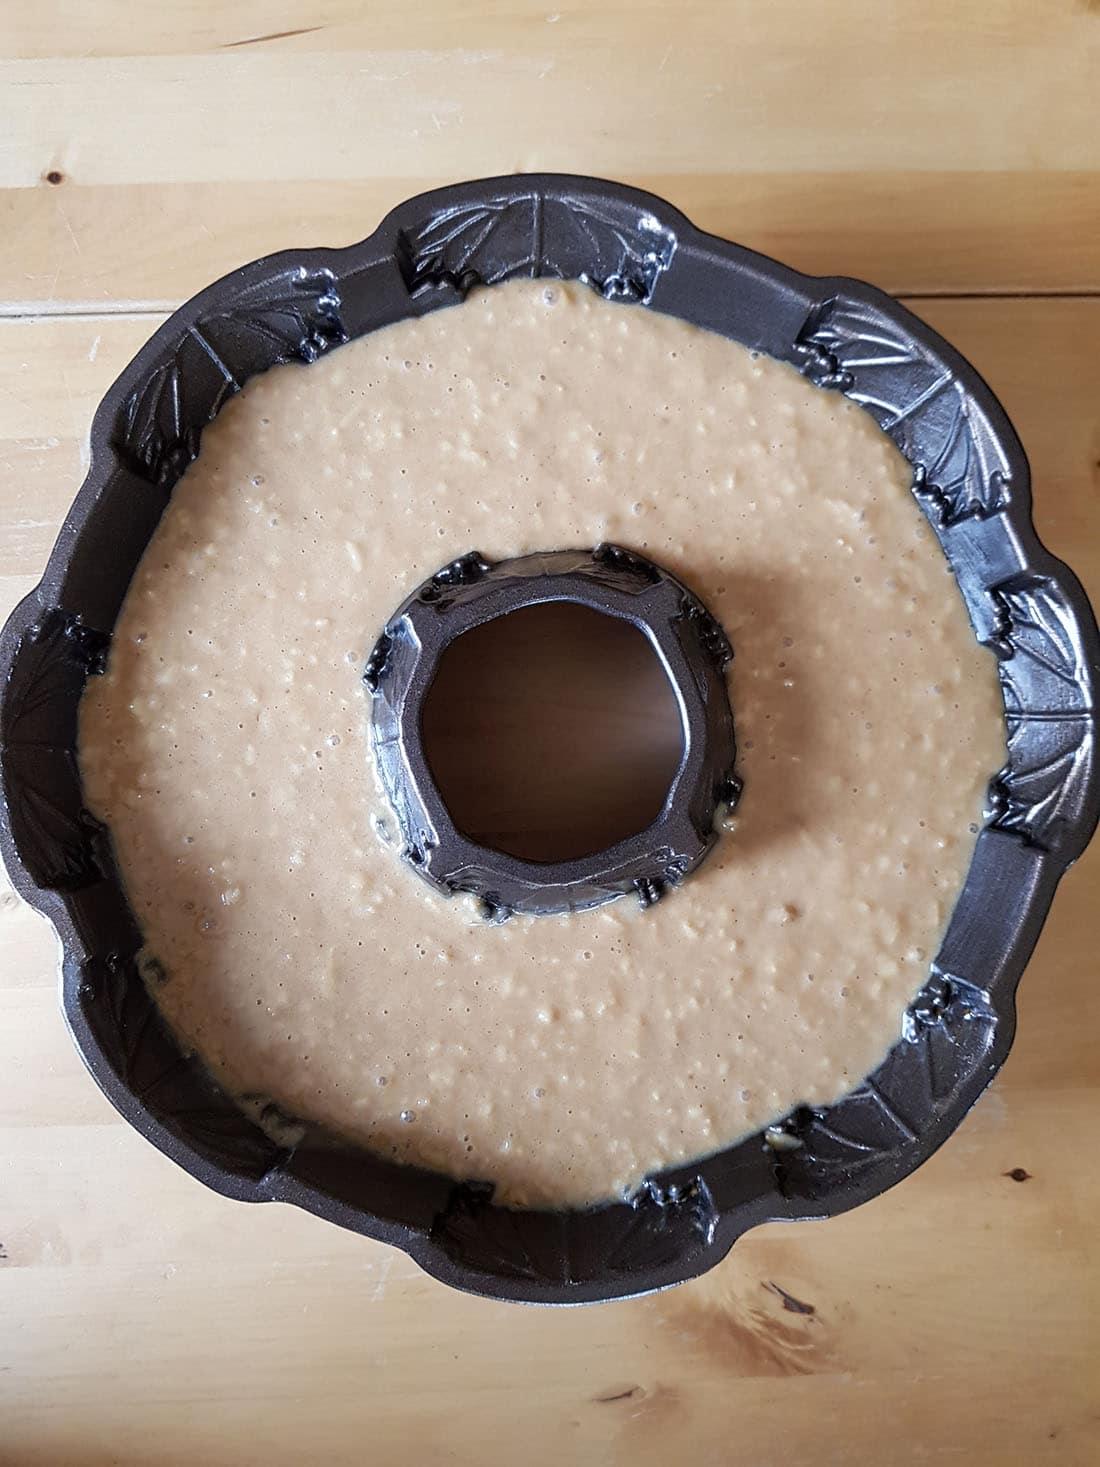 A close up of glazed apple bundt cake batter in a bundt pan